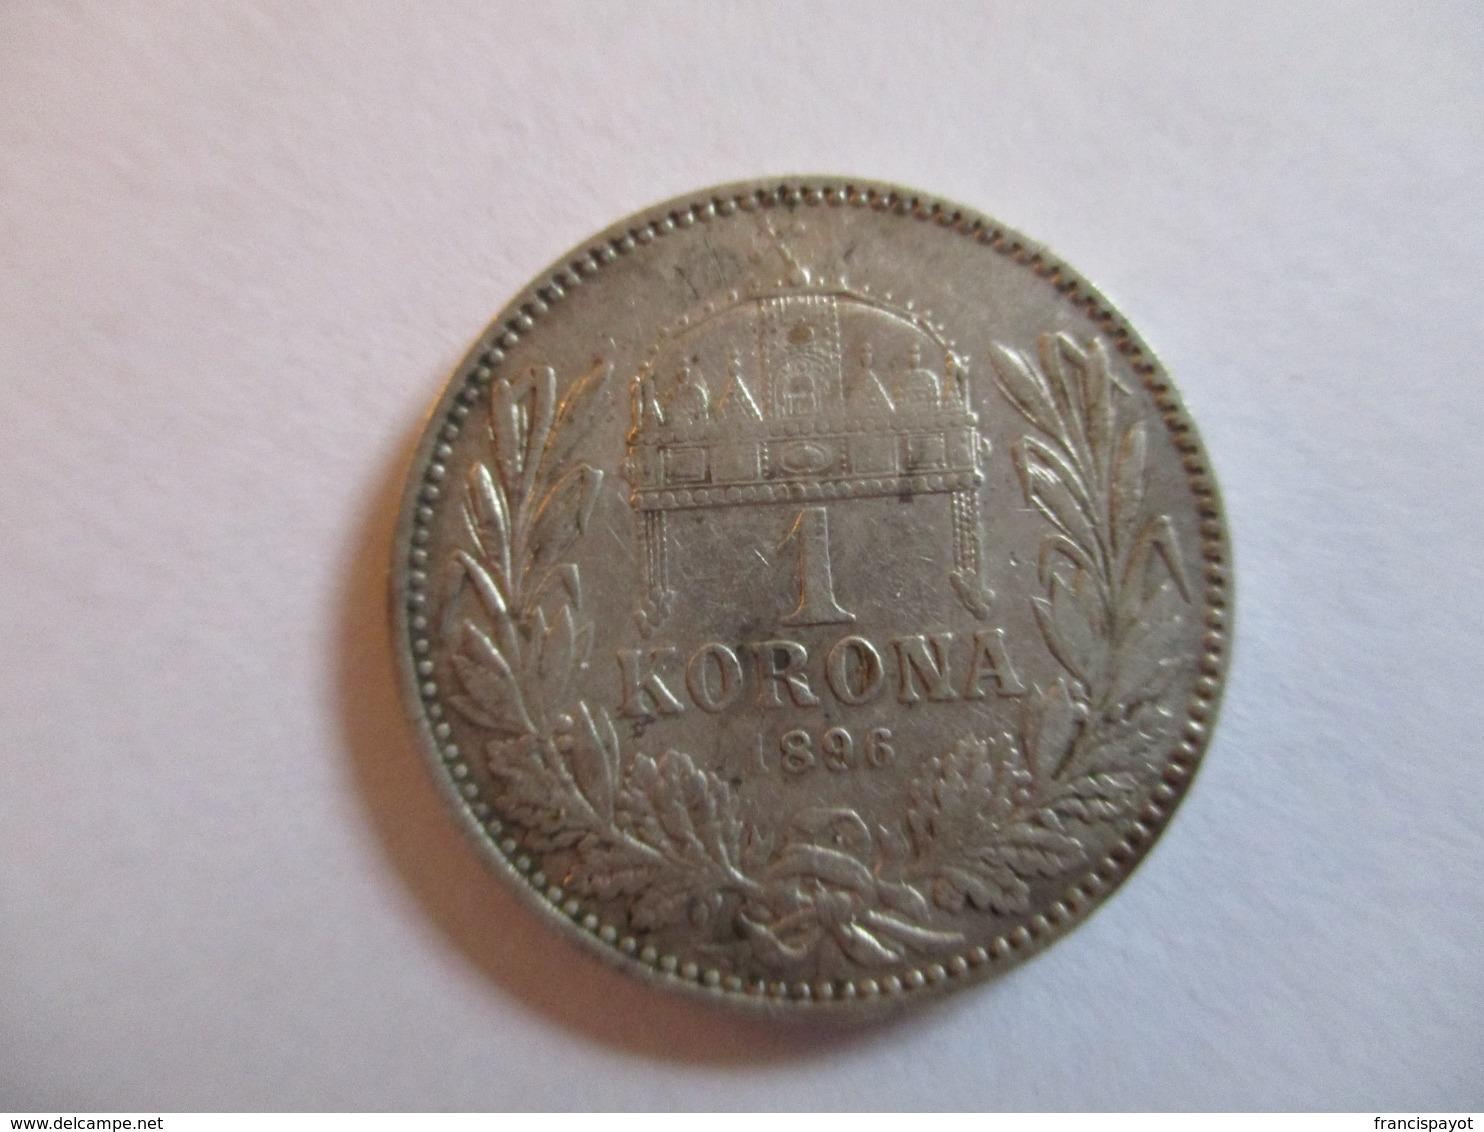 Autriche-Hongrie 1 Korona 1896 - Oesterreich